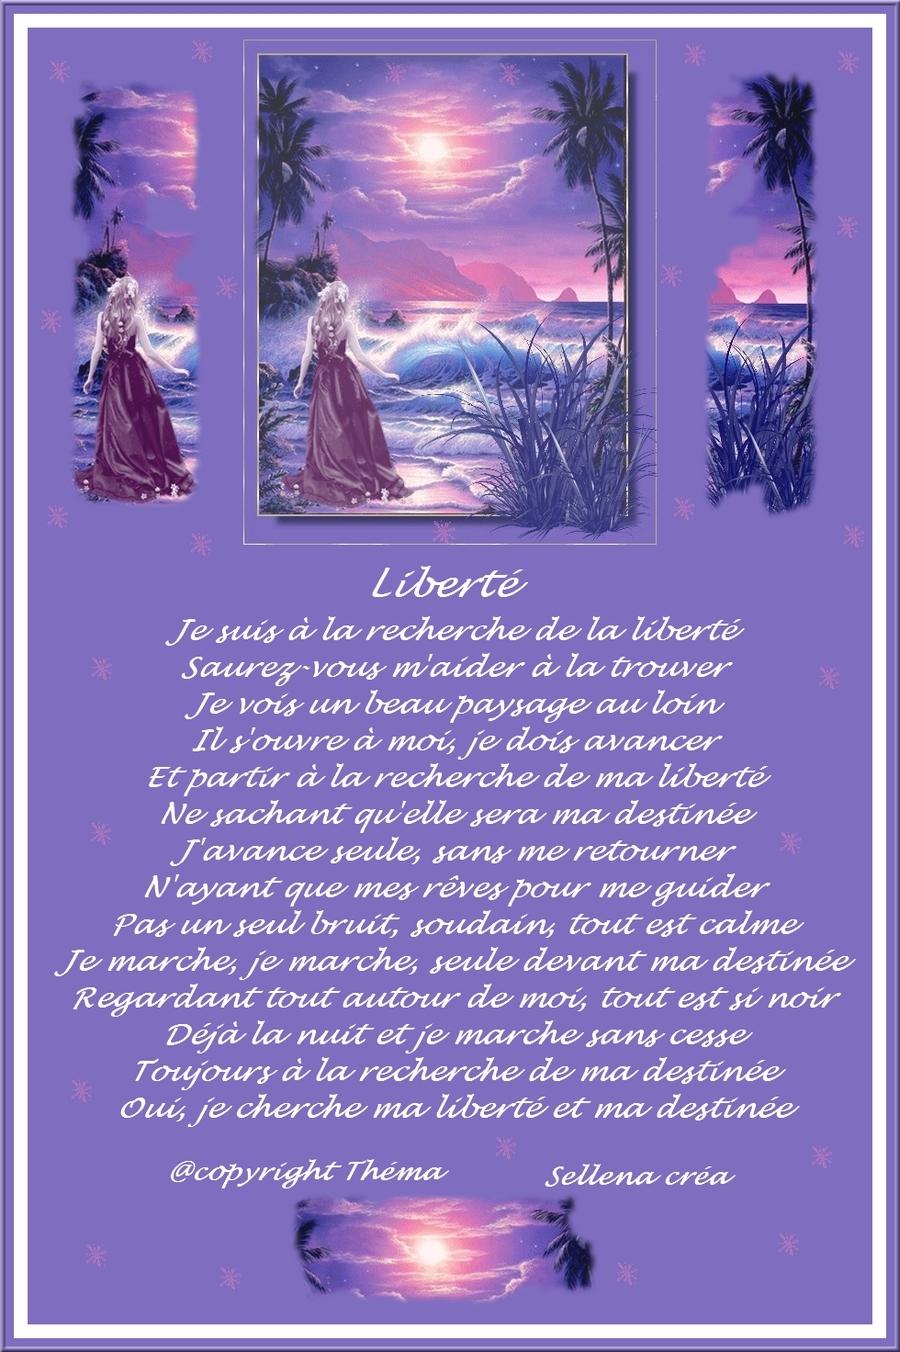 346 - Liberté